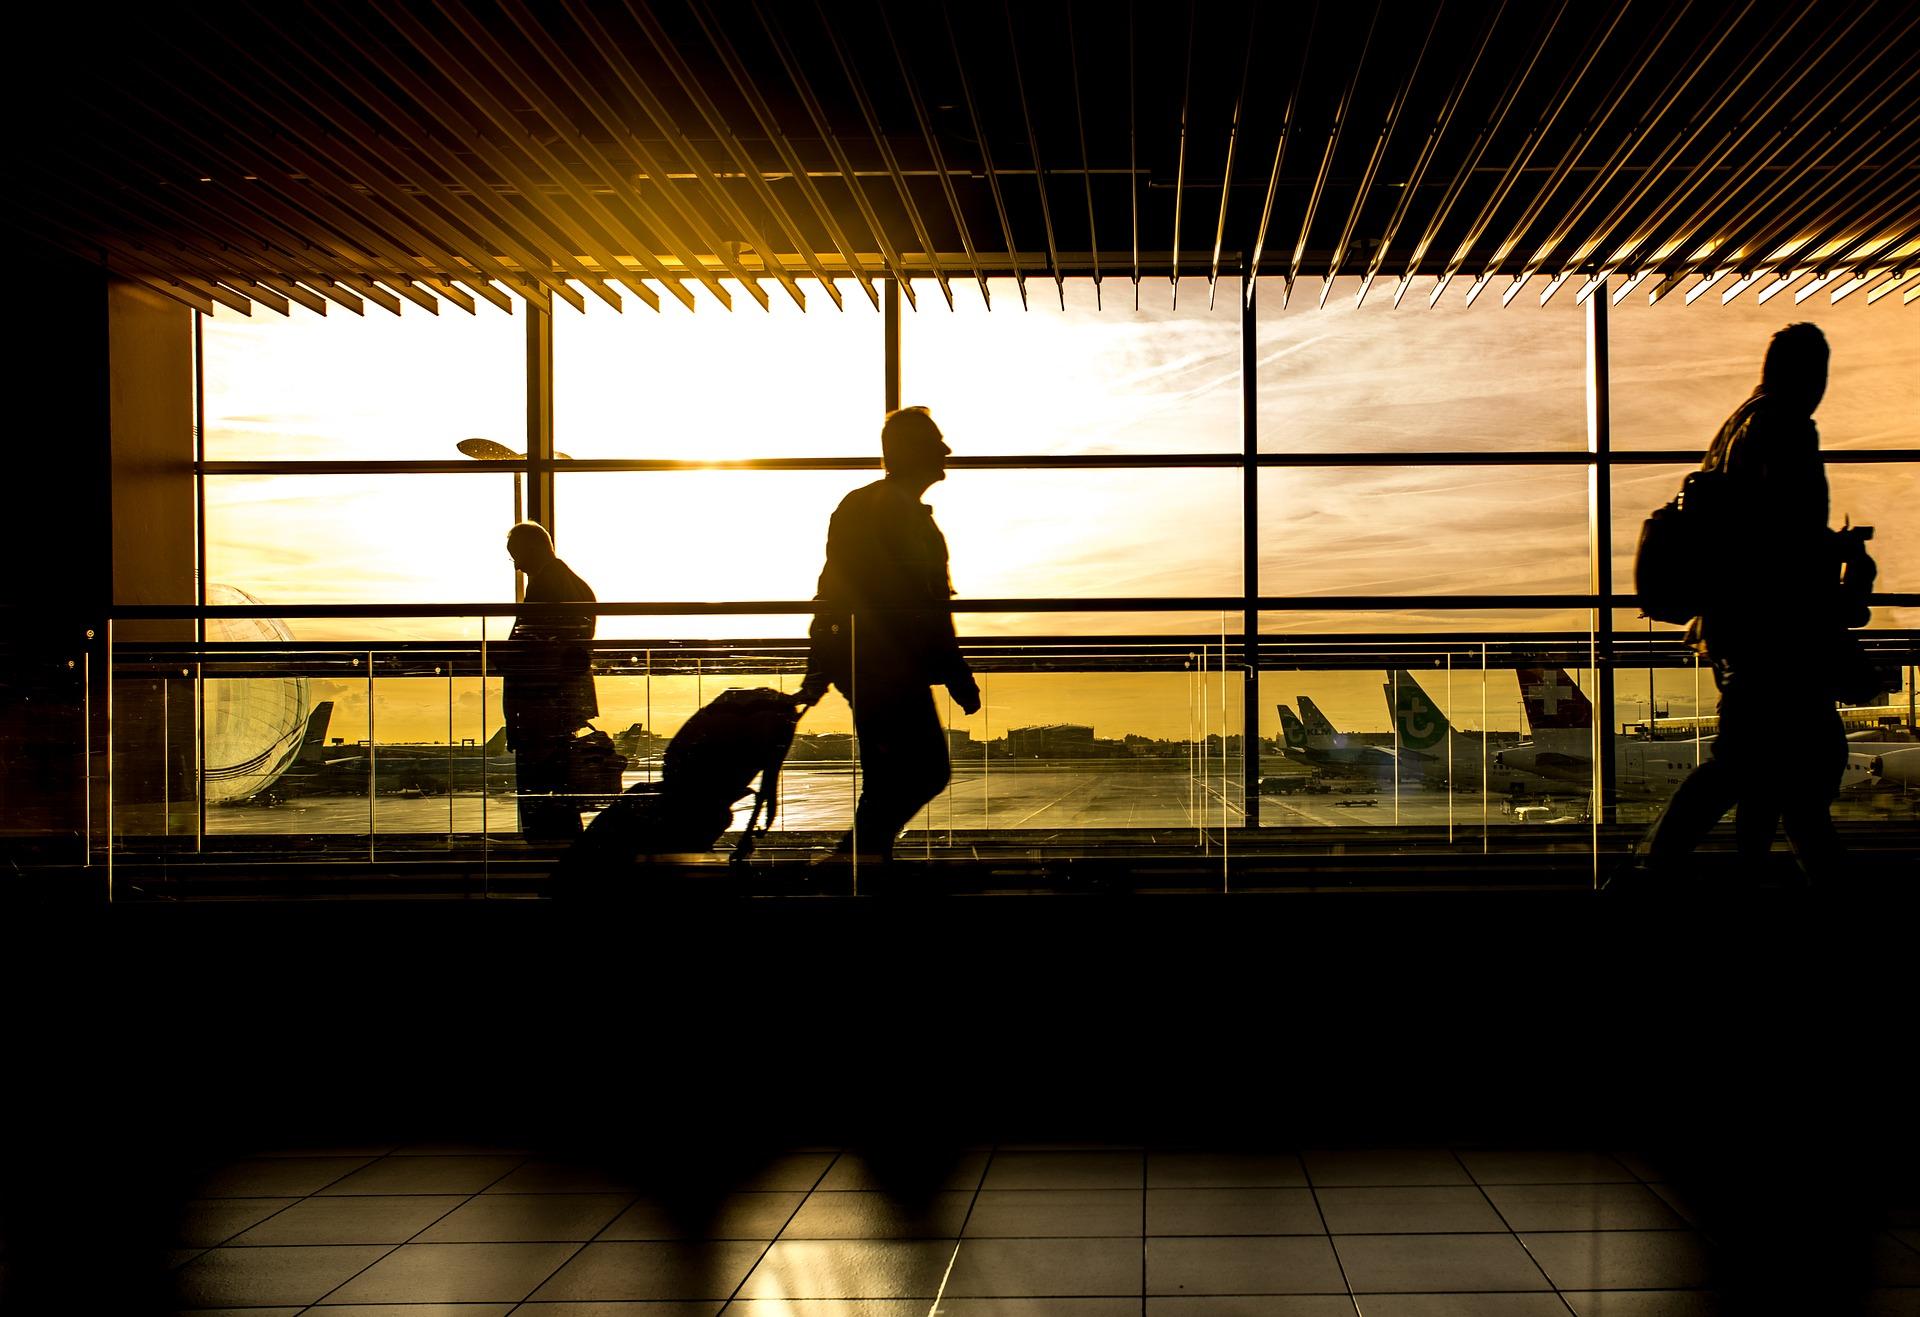 airport 1822133 1920 - آداب قبل السفر : جميع ما يجب عليك معرفته